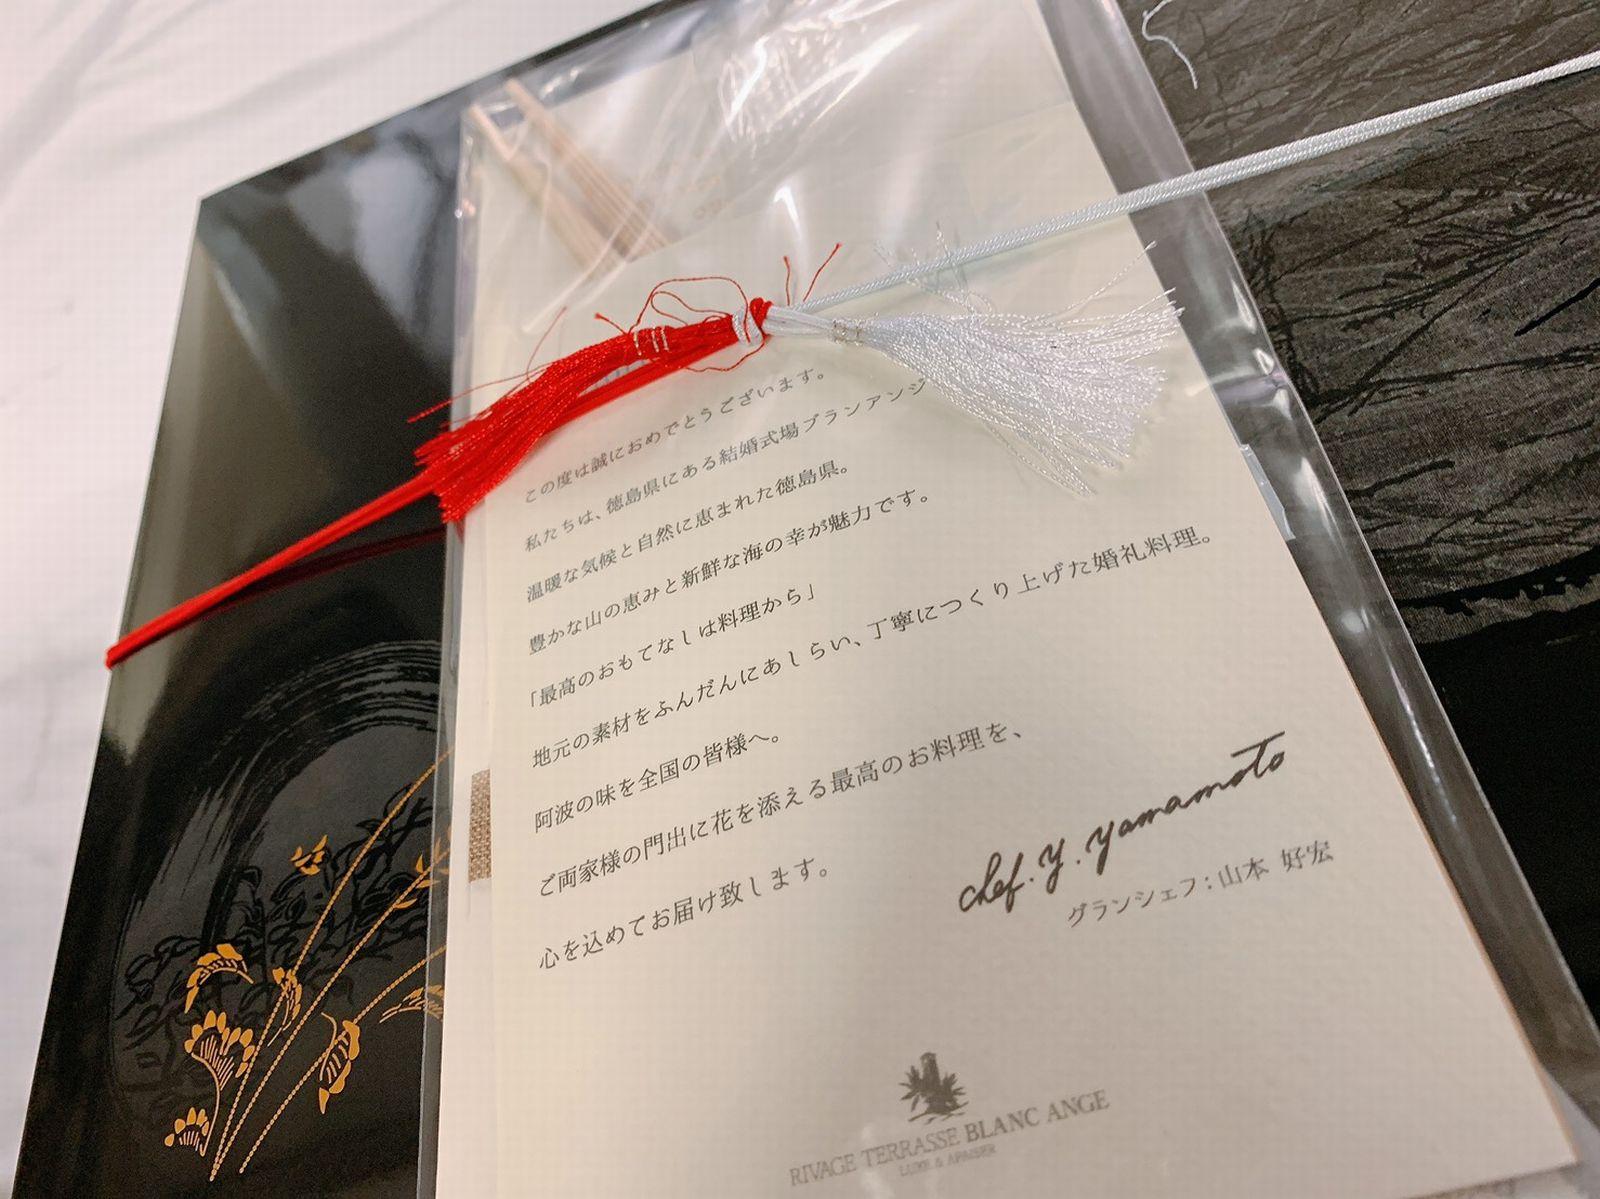 徳島県の結婚式場ブランアンジュで出席できないゲストに配送したお弁当に添えたメッセージ